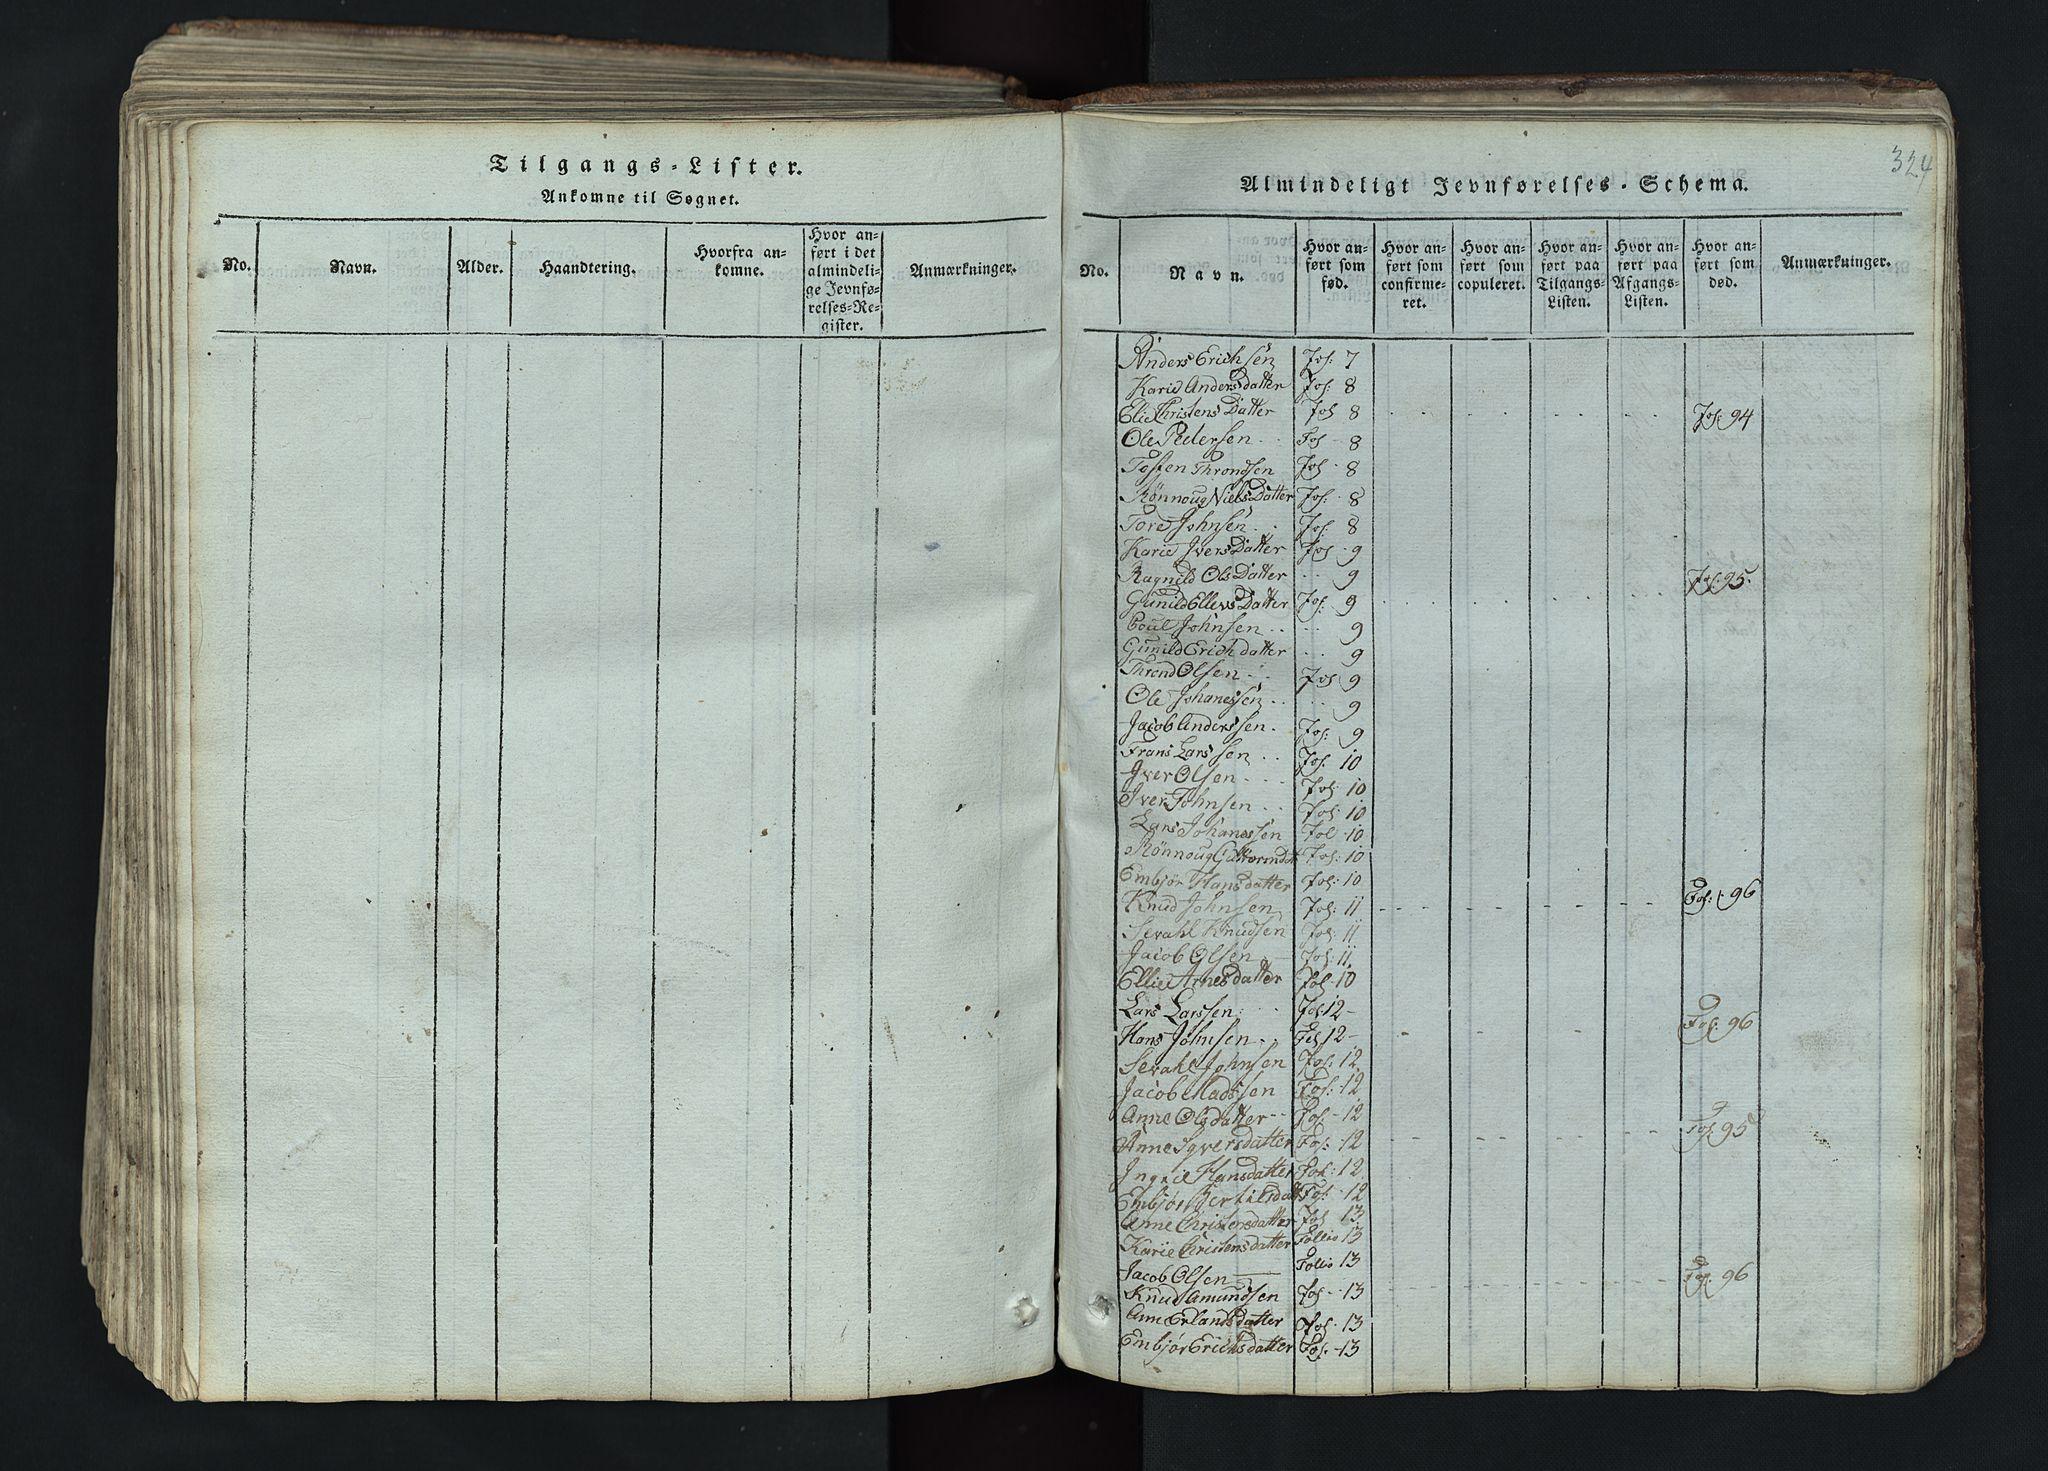 SAH, Lom prestekontor, L/L0002: Klokkerbok nr. 2, 1815-1844, s. 324